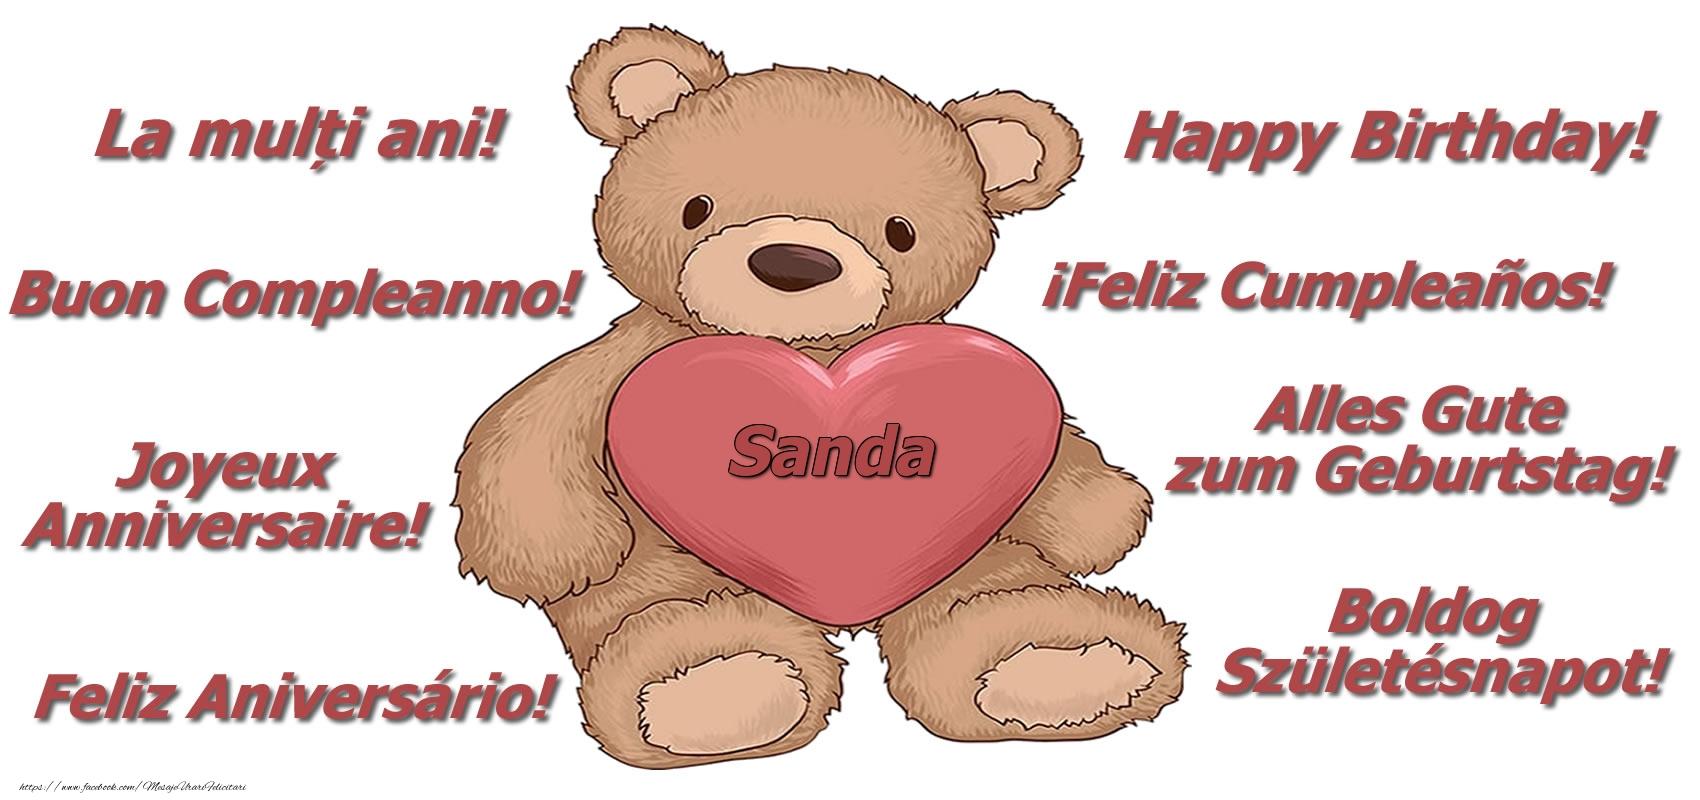 Felicitari de zi de nastere - La multi ani Sanda! - Ursulet